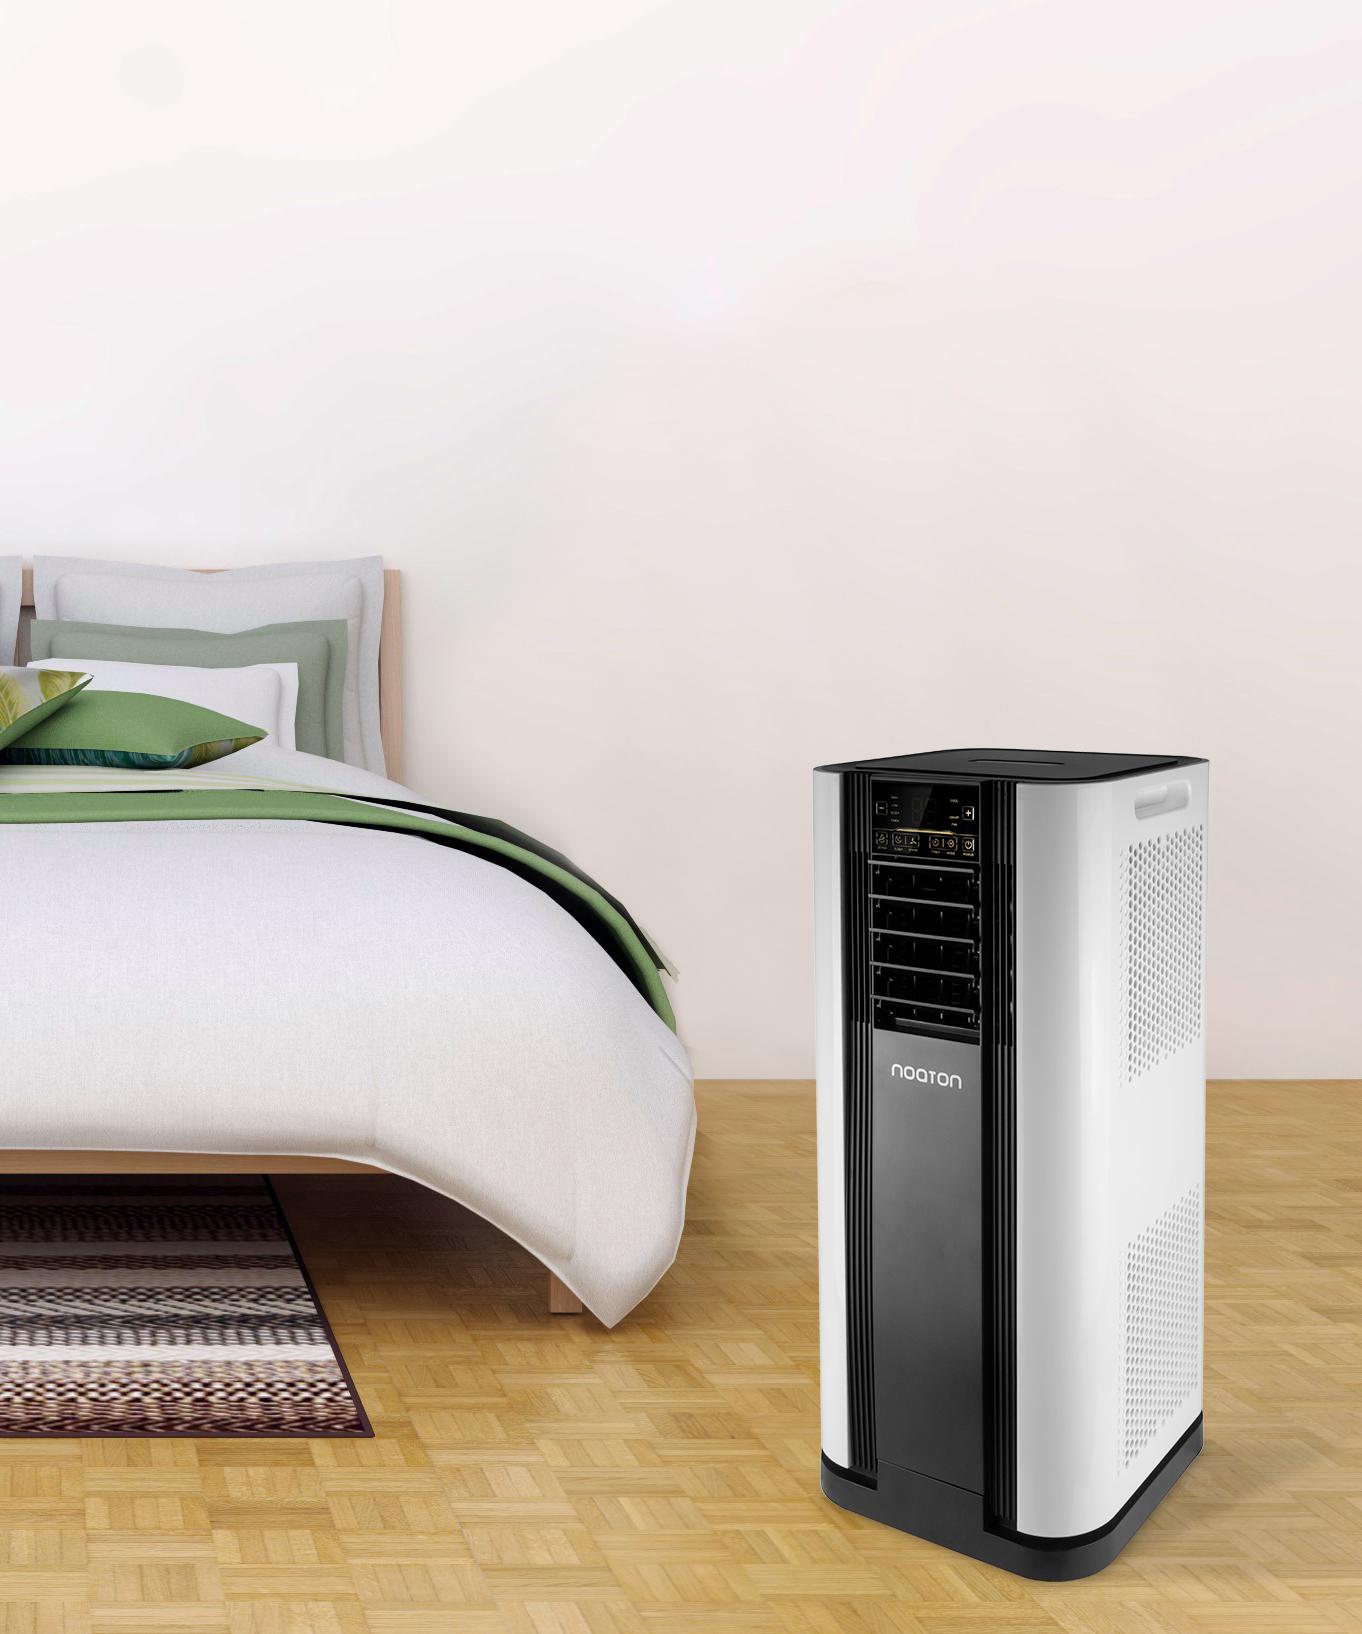 Mobiles Klimagerät Noaton AC 5109 mit Fernsterdichtung AL 4010 - im Schlafferzimmer